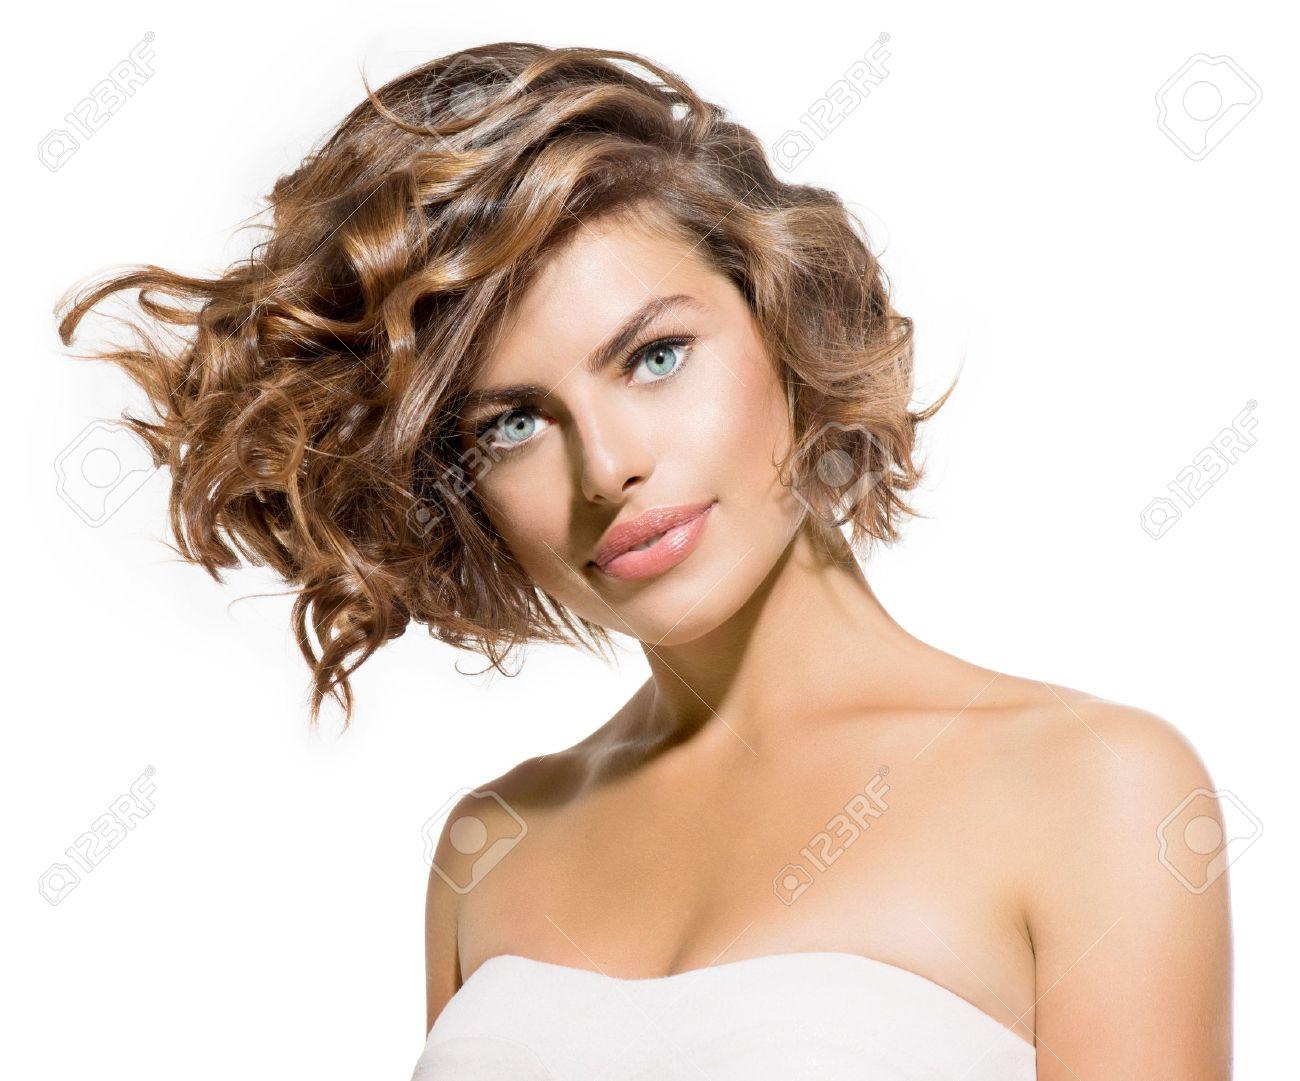 belleza mujer joven retrato en blanco pelo rizado corto foto de archivo